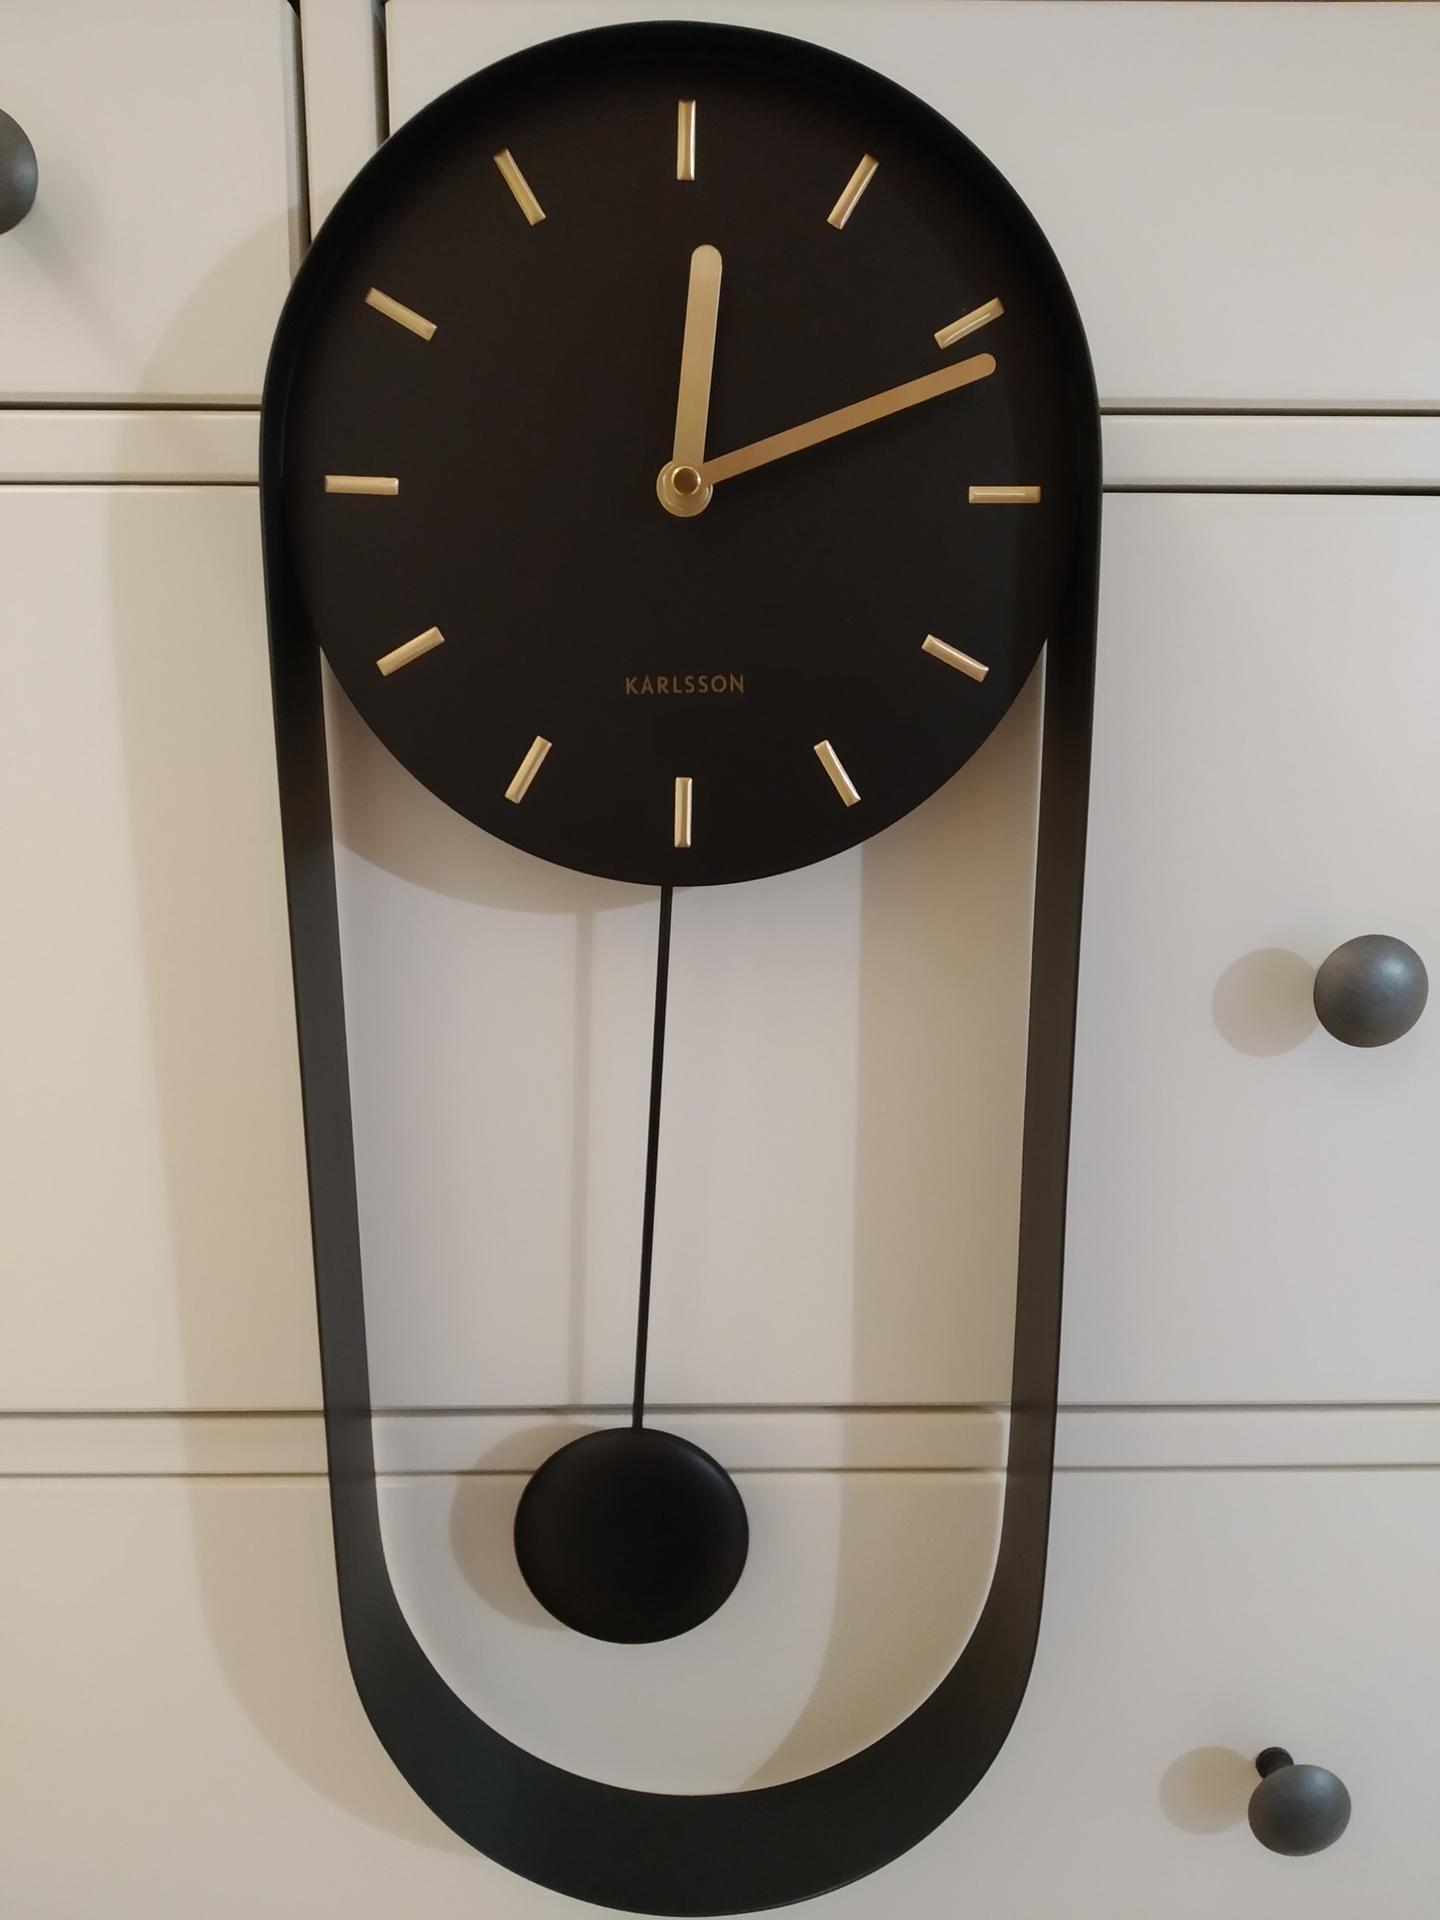 Das Haus - Nastenne kyvadlove hodiny Karlsson. Prva funkcna dekoracia do domu. Aj vy ste v predstihu kupovali veci do interieru, ci len ja sa nevied dockat? :)